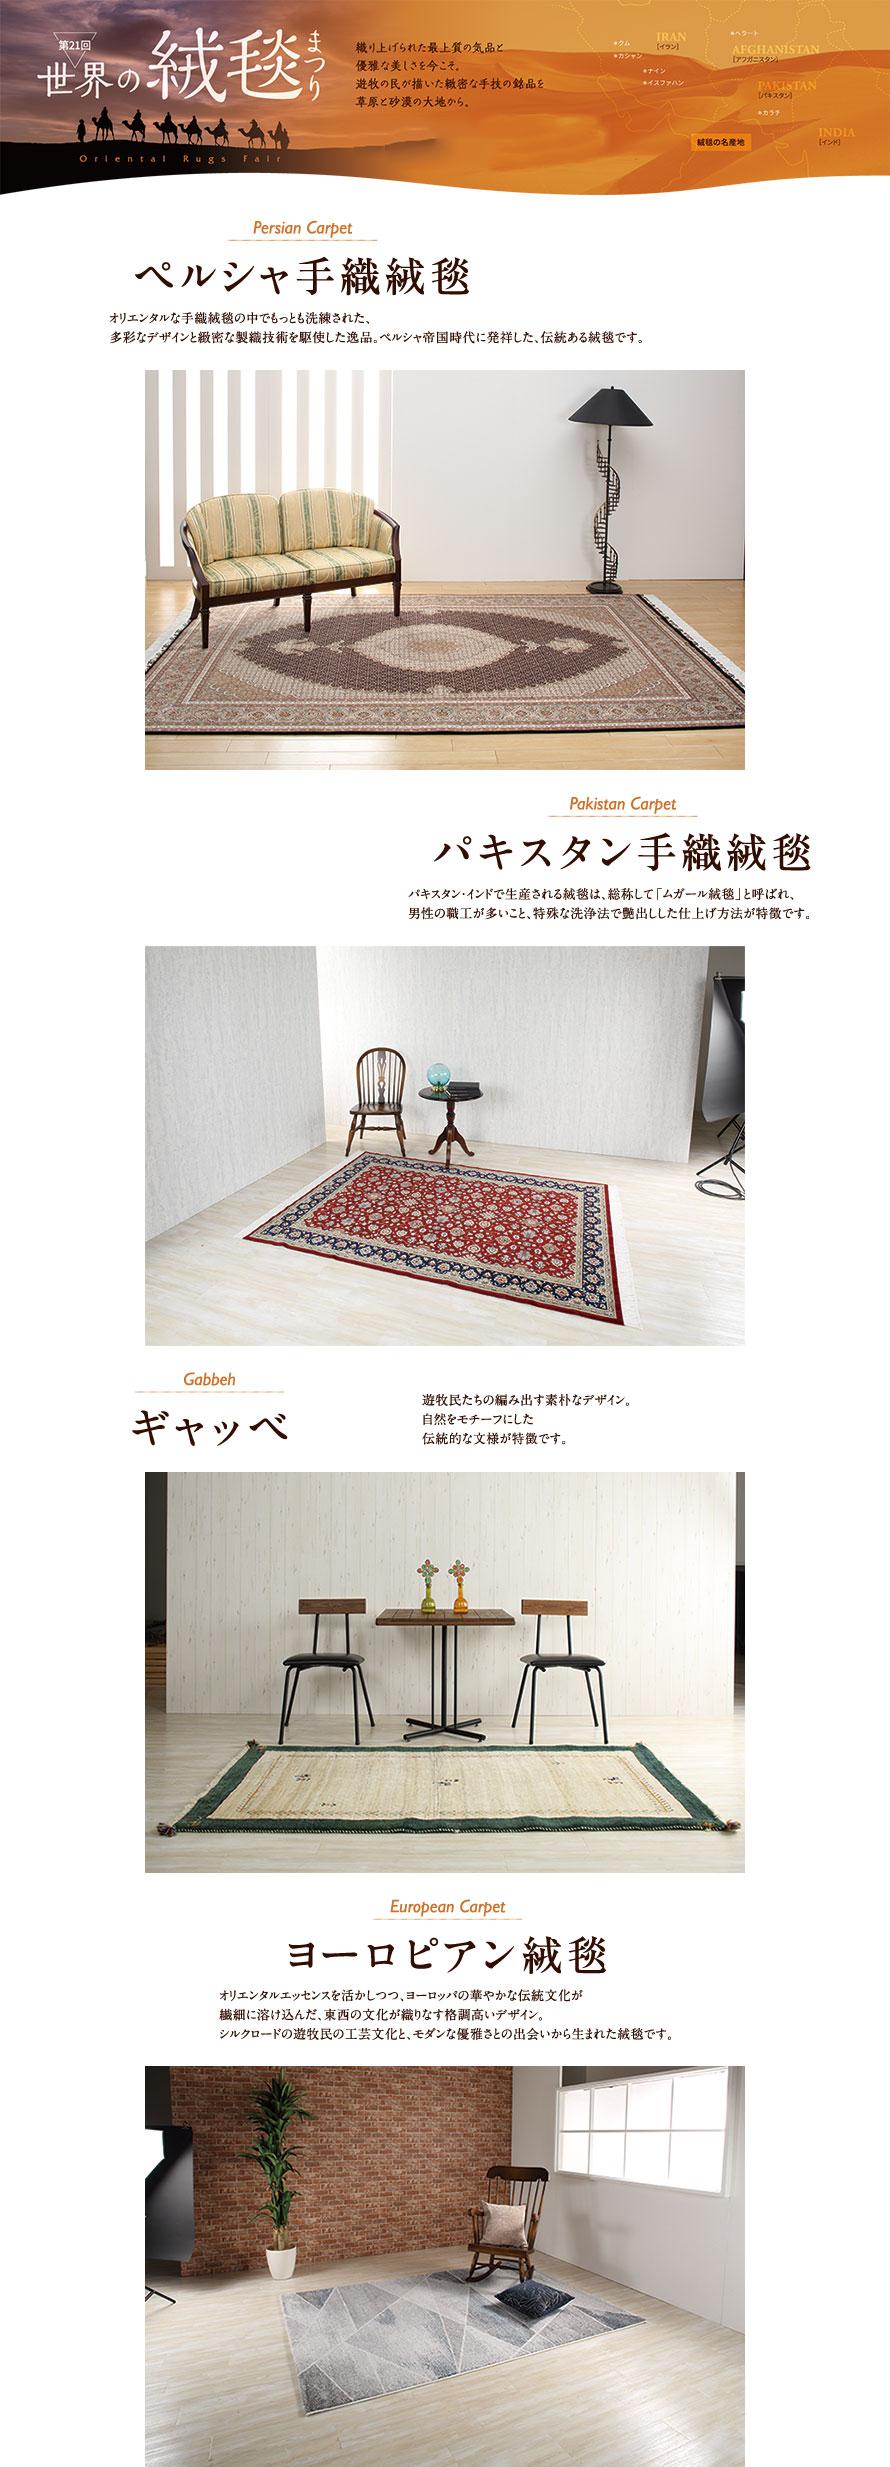 0922_jyutan_890_04.jpg